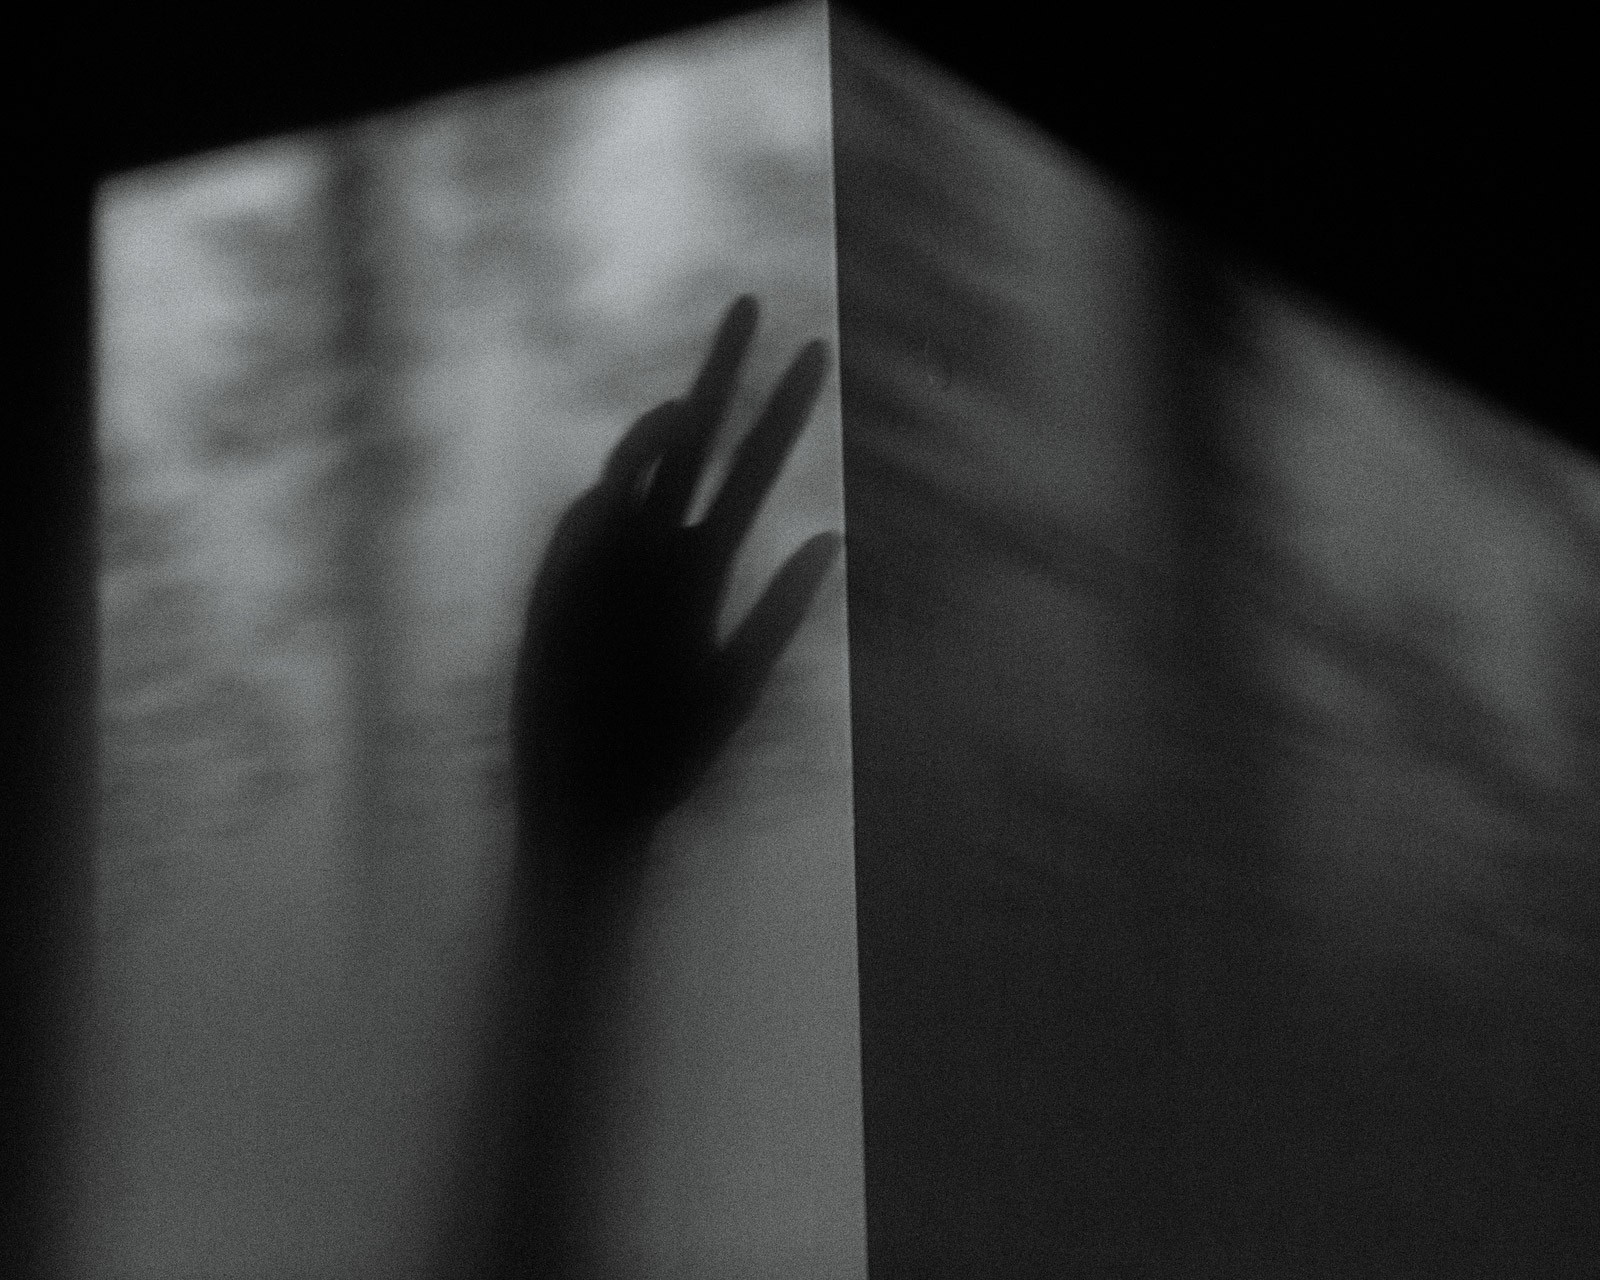 Nhật ký qua ảnh đầy xúc cảm của nữ y tá bị cưỡng hiếp và phải tự mình tìm lấy ánh sáng giữa hố sâu tăm tối - Ảnh 2.